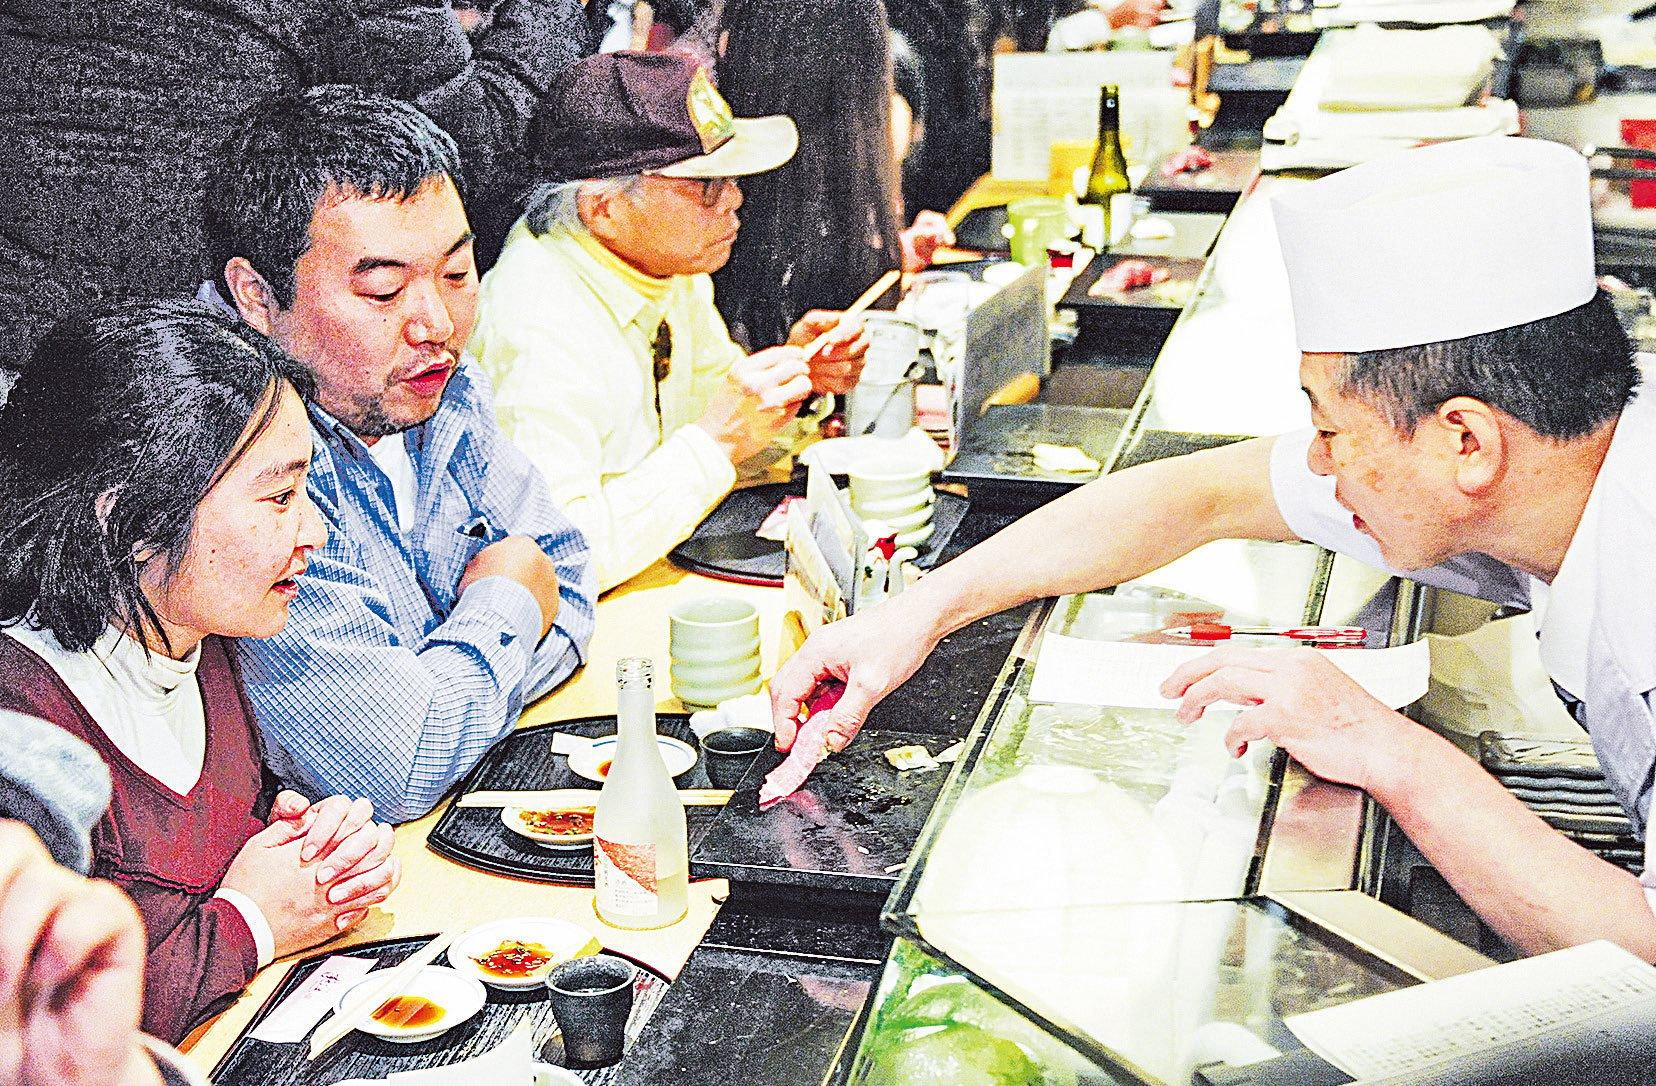 中餐和日本料理在美國都很受歡迎,但很多日餐廳老闆卻是中國人。(AFP)